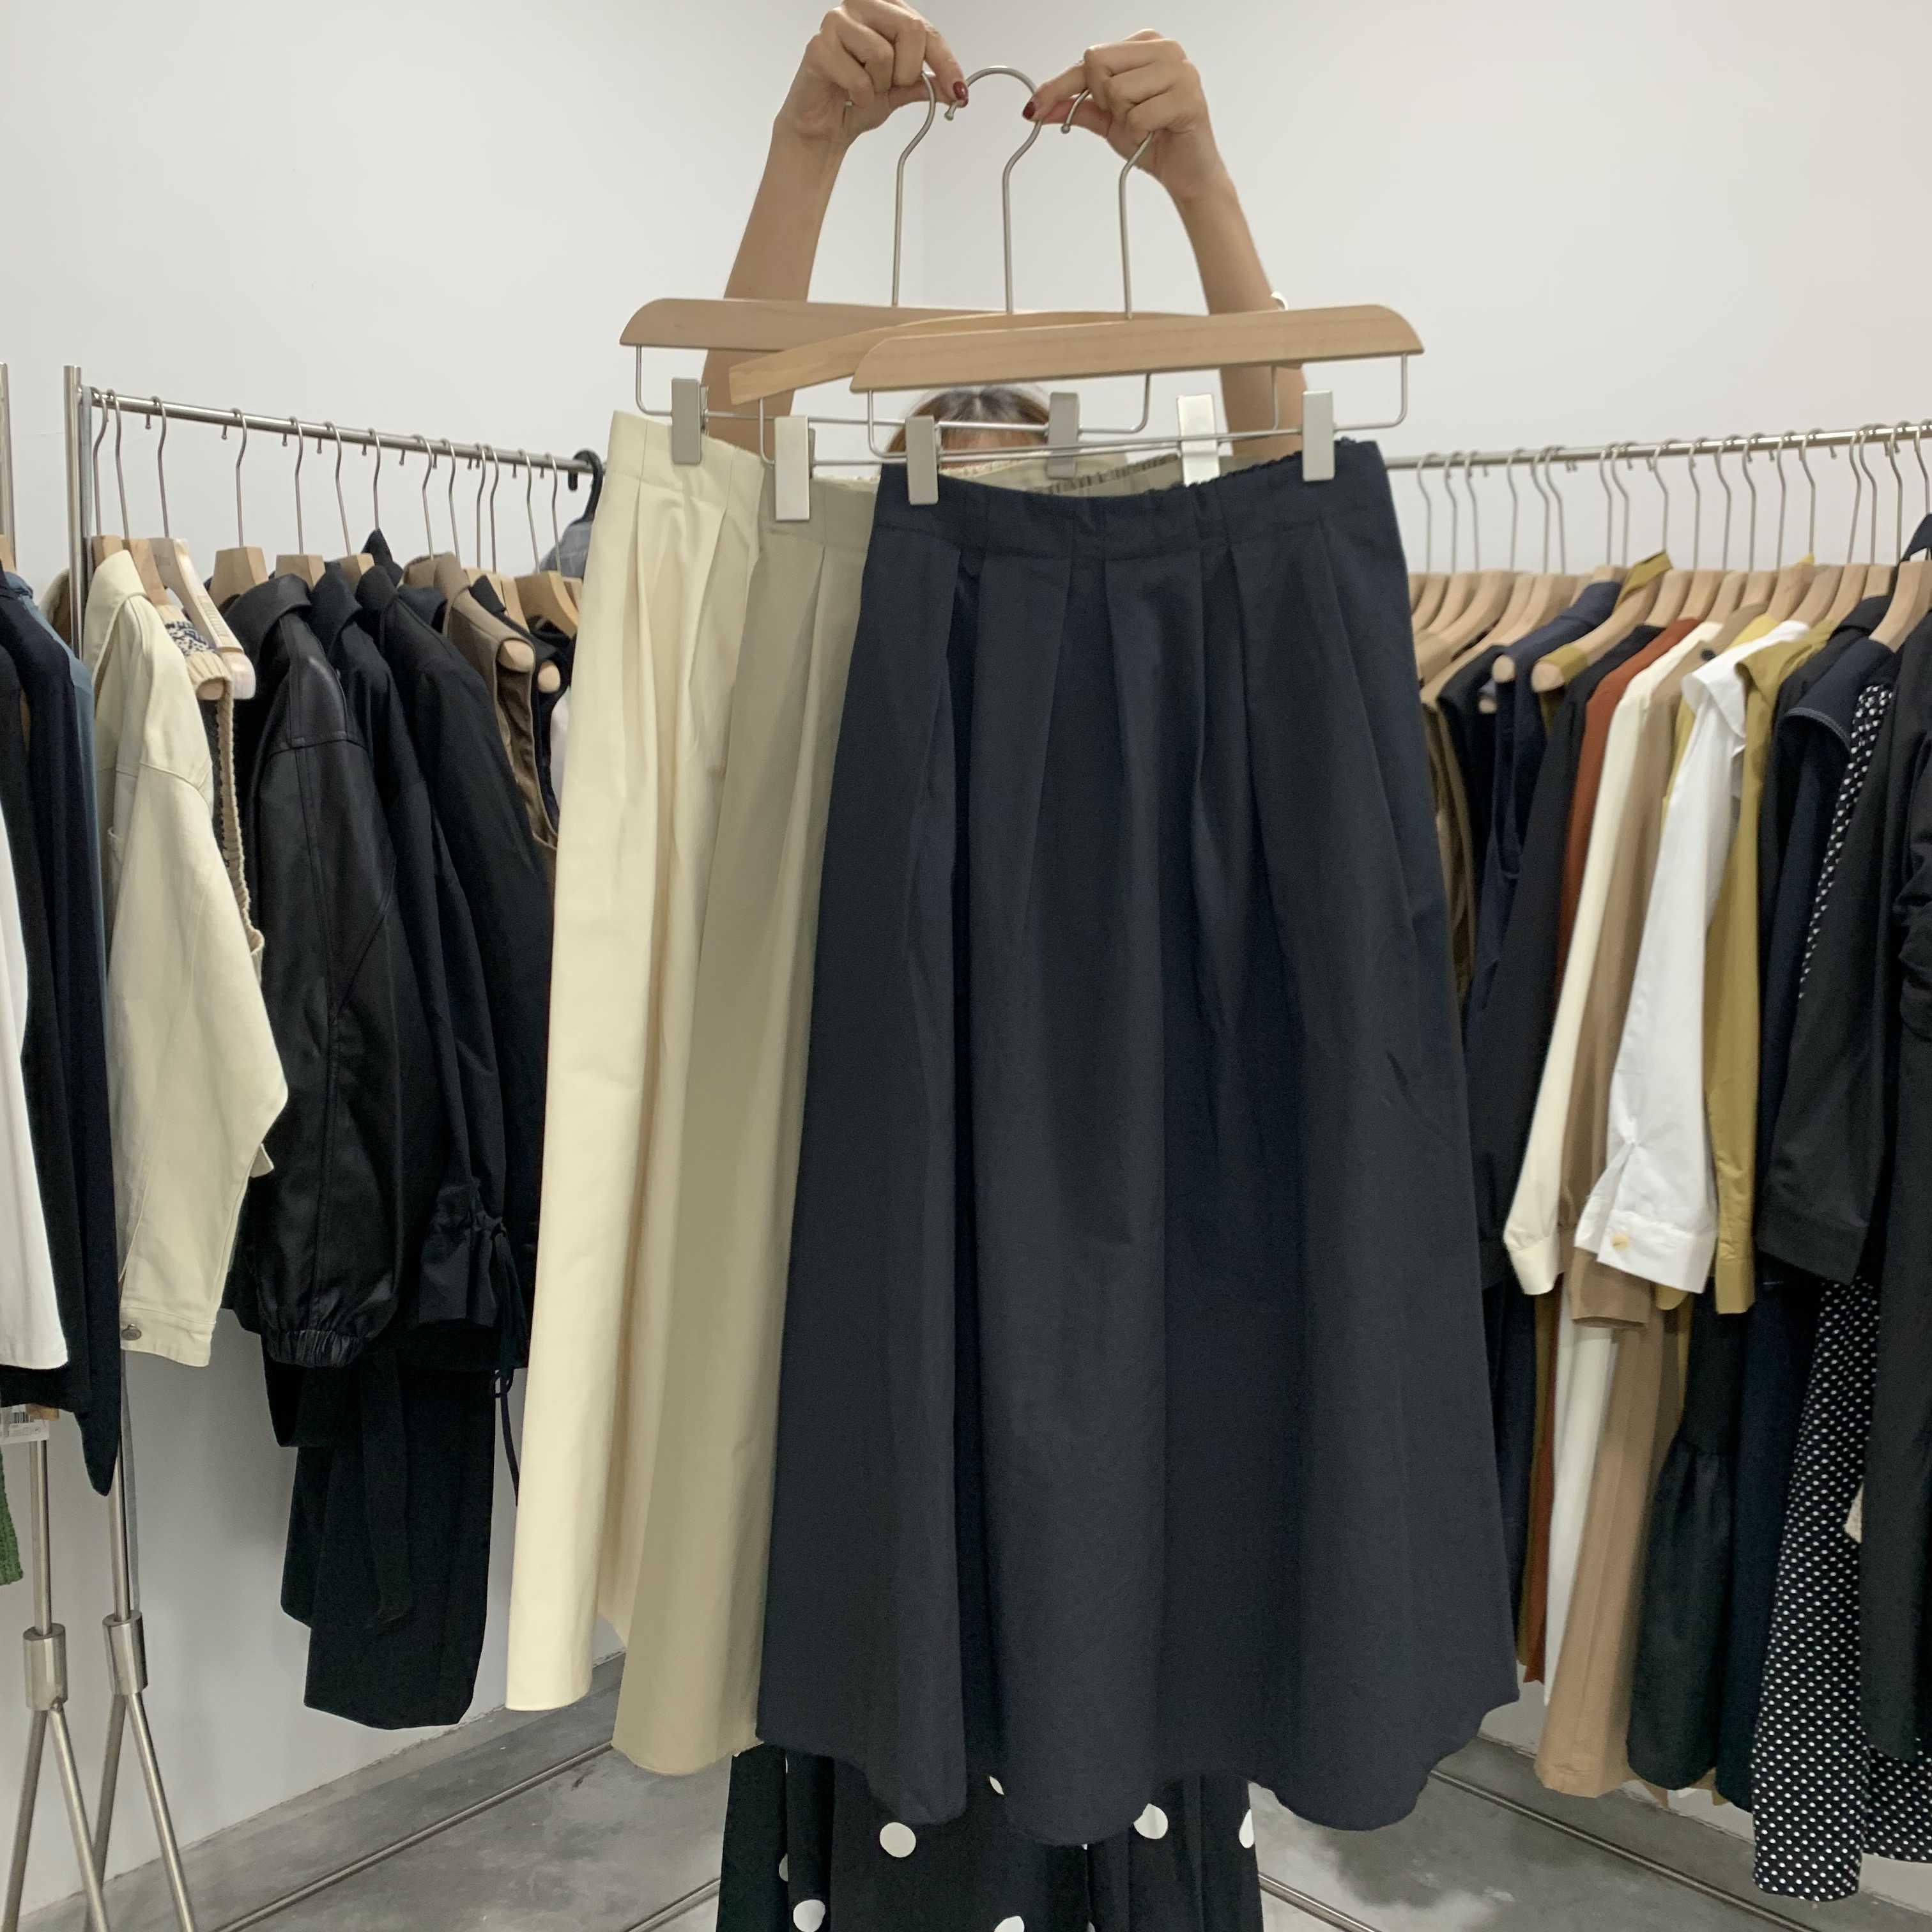 85.00元包邮in 2019秋季新款纯色显瘦半身裙